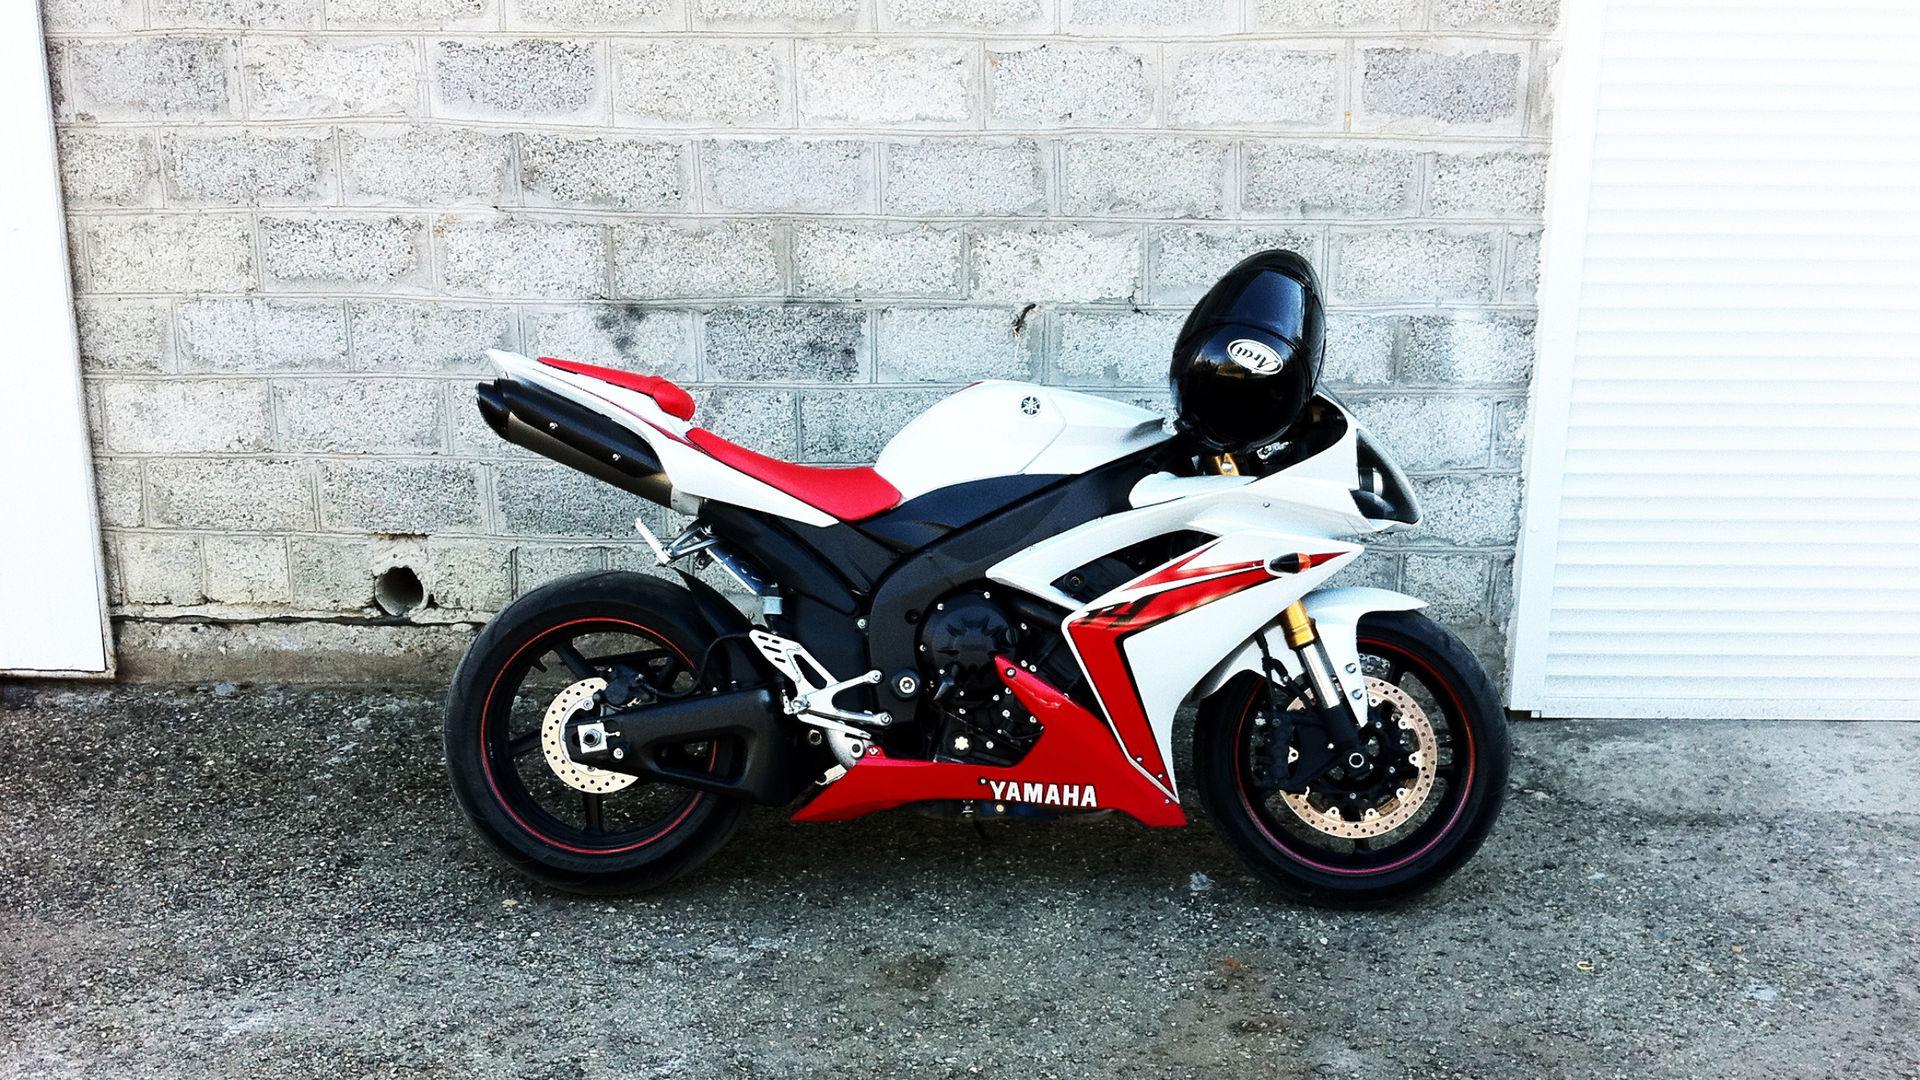 Картинки отличного качествп мотоциклы